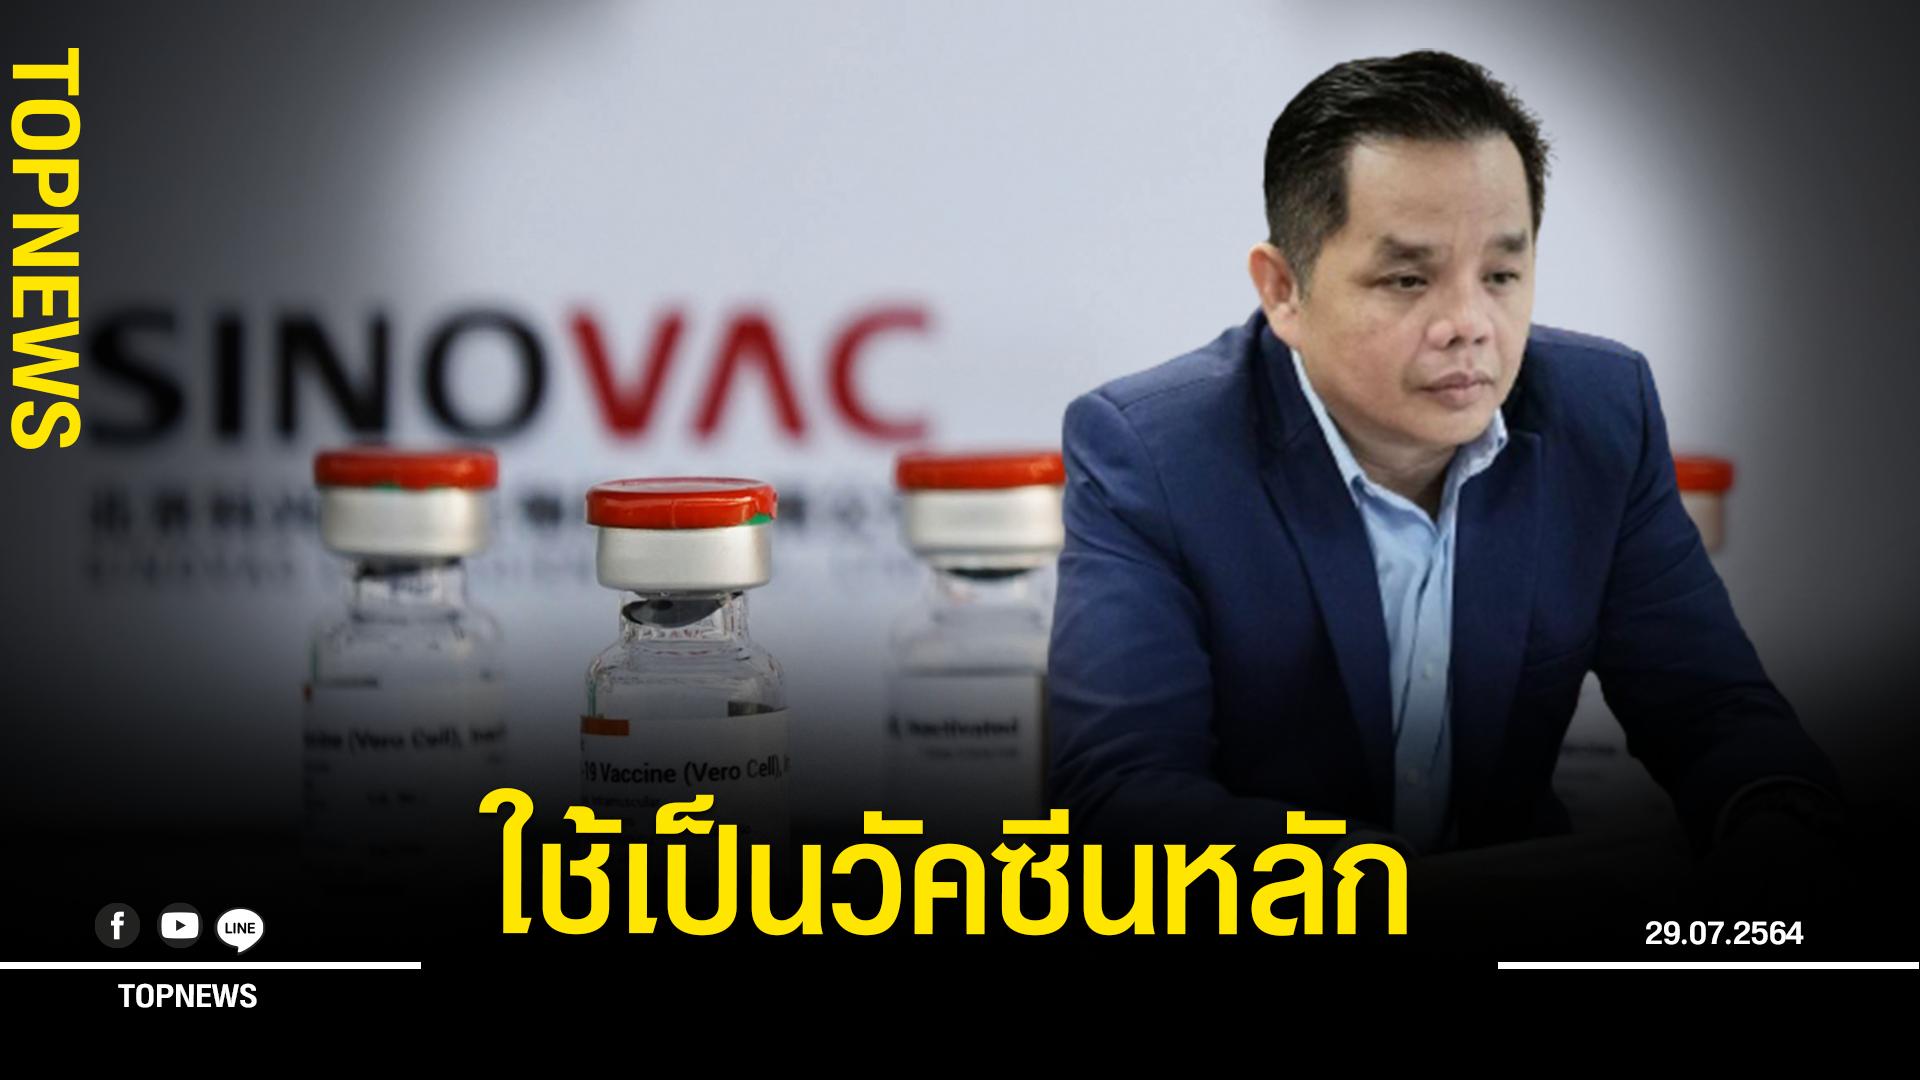 """""""ดร.แซม"""" ที่ปรึกษาฮุนเซน ยันกัมพูชาฉีด Sinovac เป็นวัคซีนหลัก"""